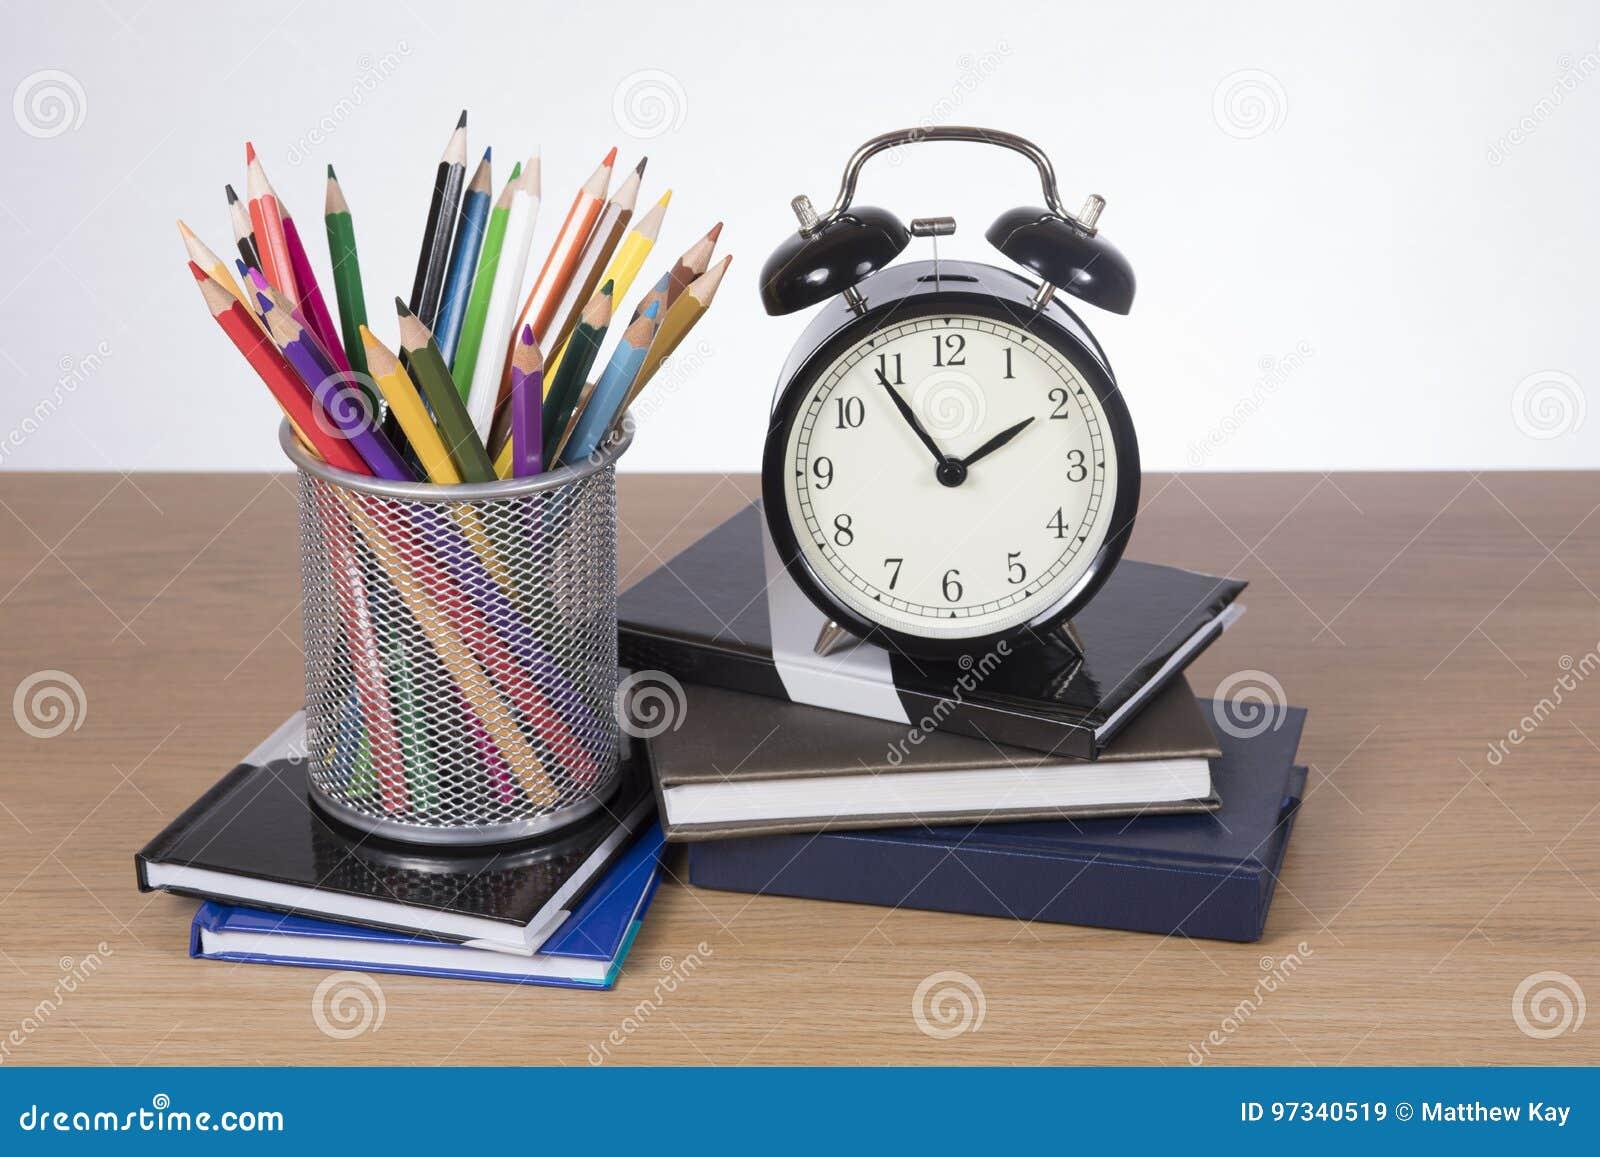 Szkolne książki, ołówkowe kredki i budzik,